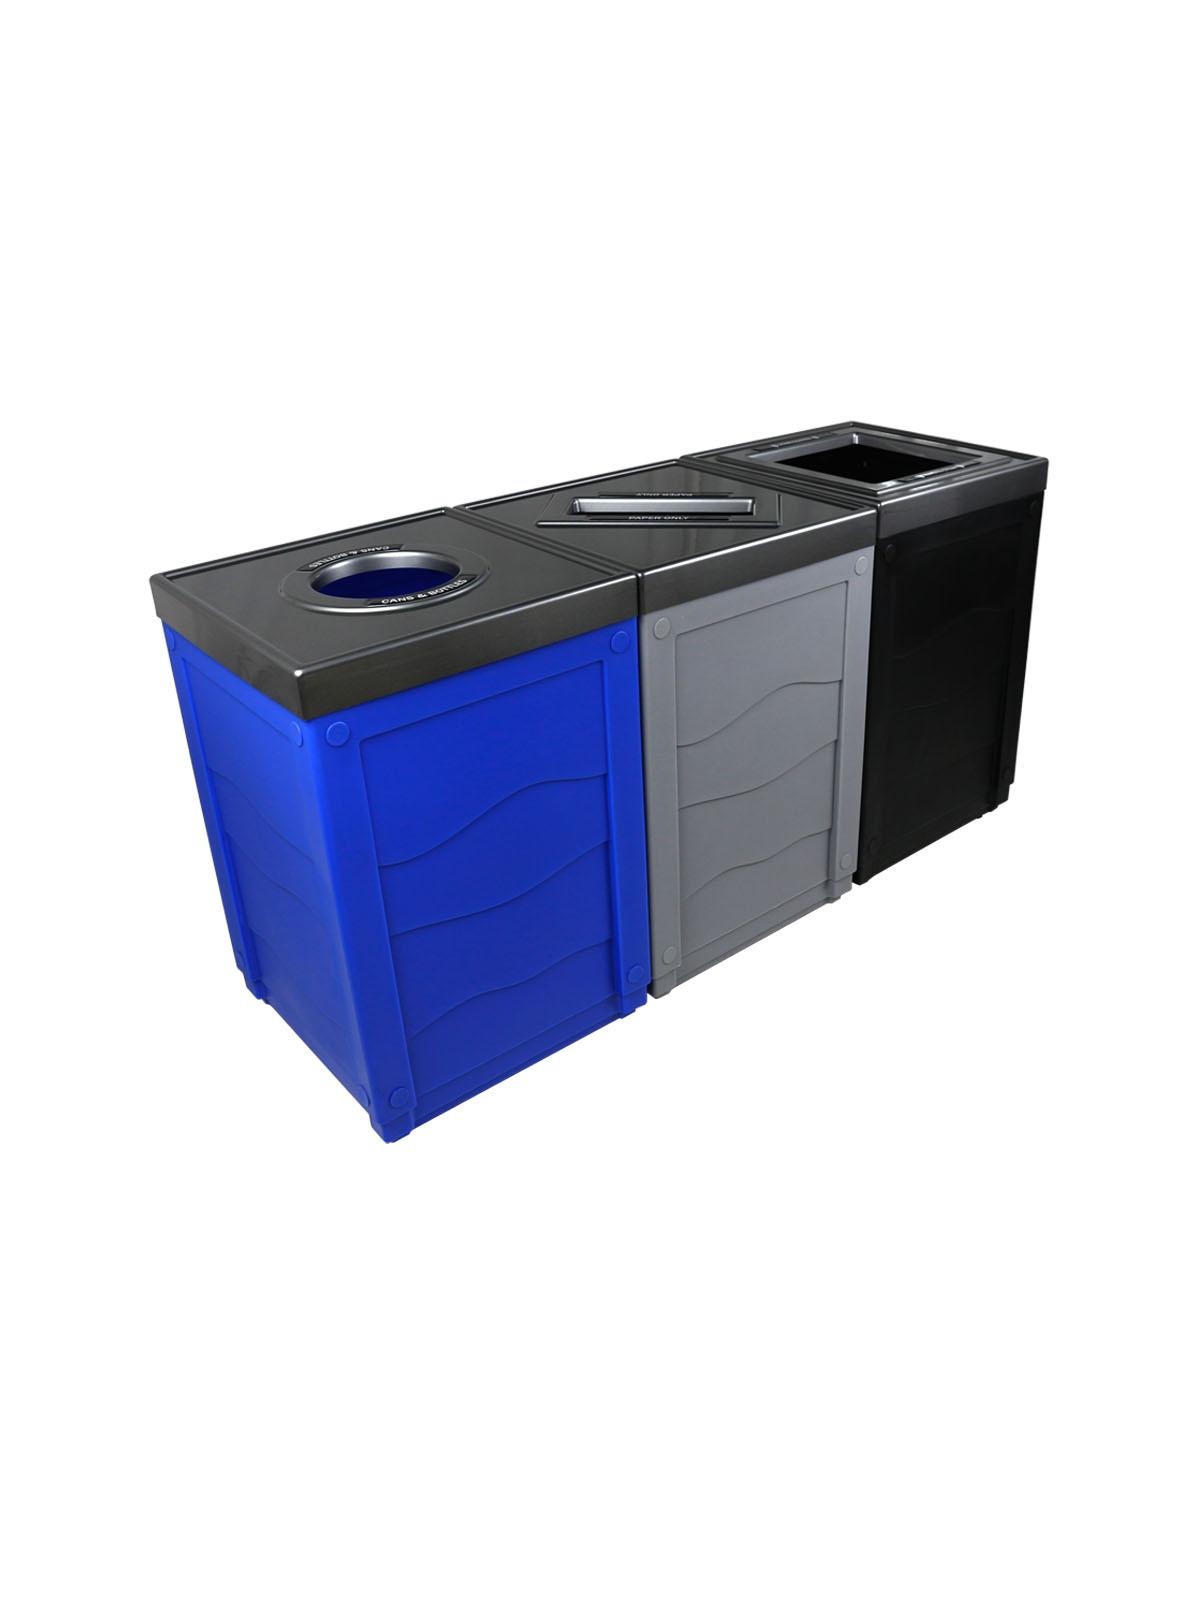 EVOLVE - Triple - Cans & Bottles-Paper-Waste - Circle-Slot-Full - Blue-Grey-Black